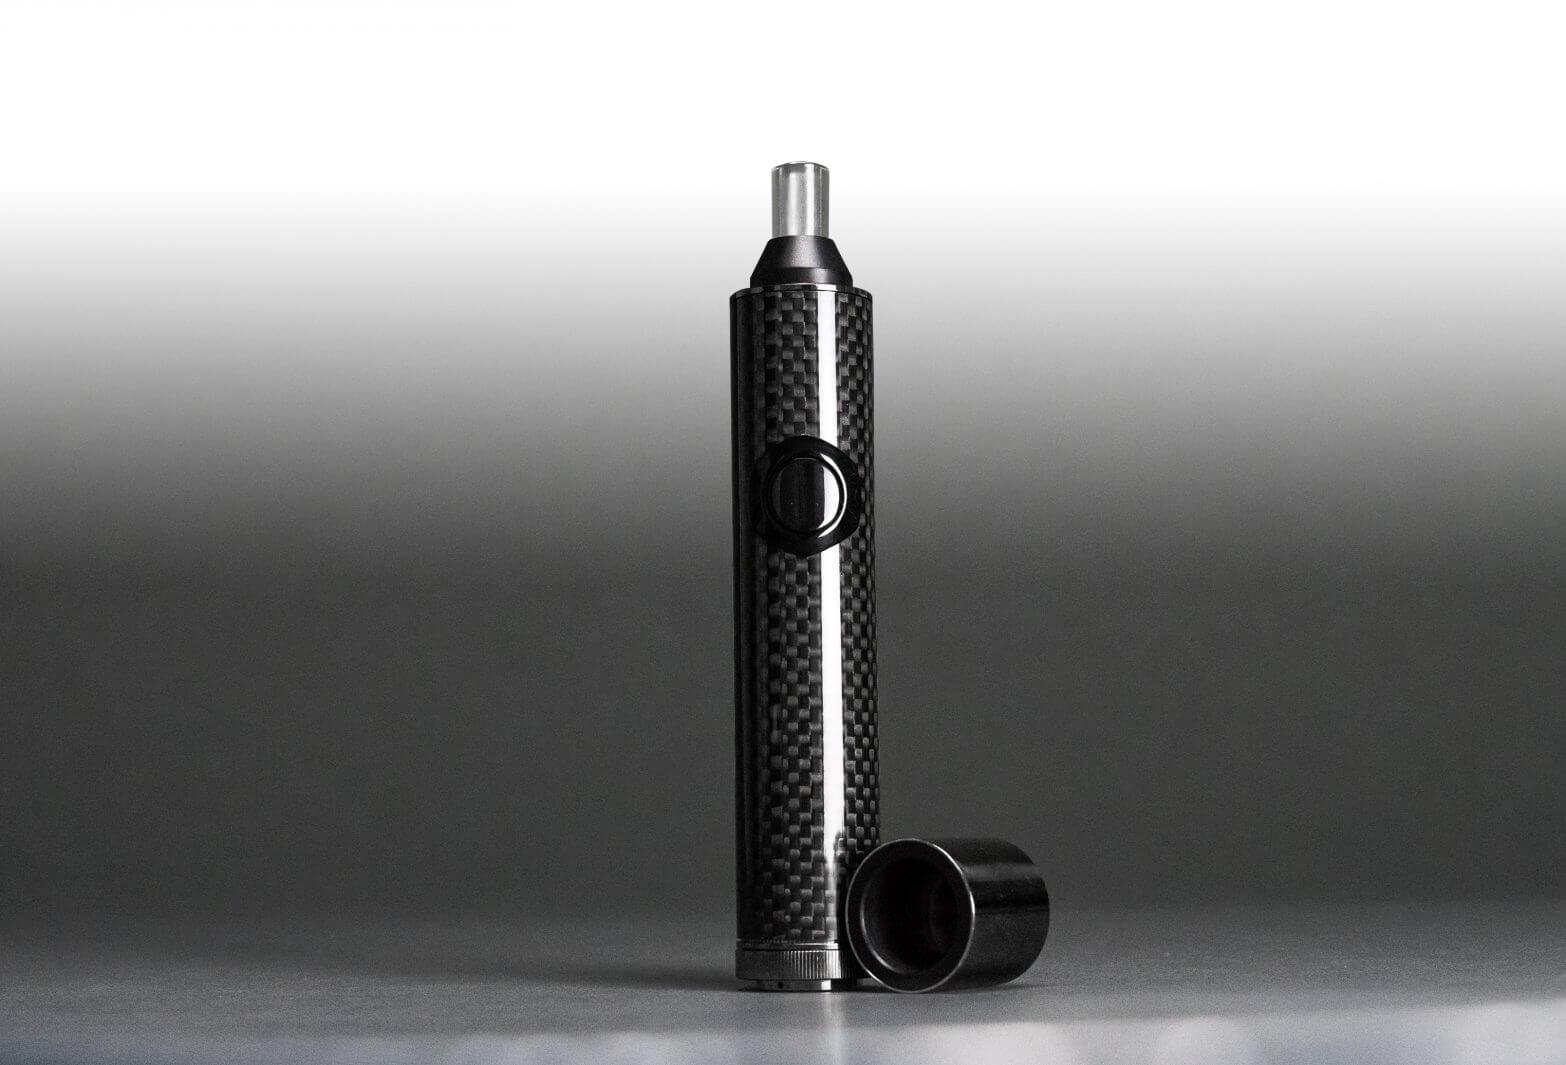 Το Vaporizer Slick FlowerMate είναι ένας εξατμιστής χειρός με πολλά αλλά και ενδιαφέροντα χαρακτηριστικά